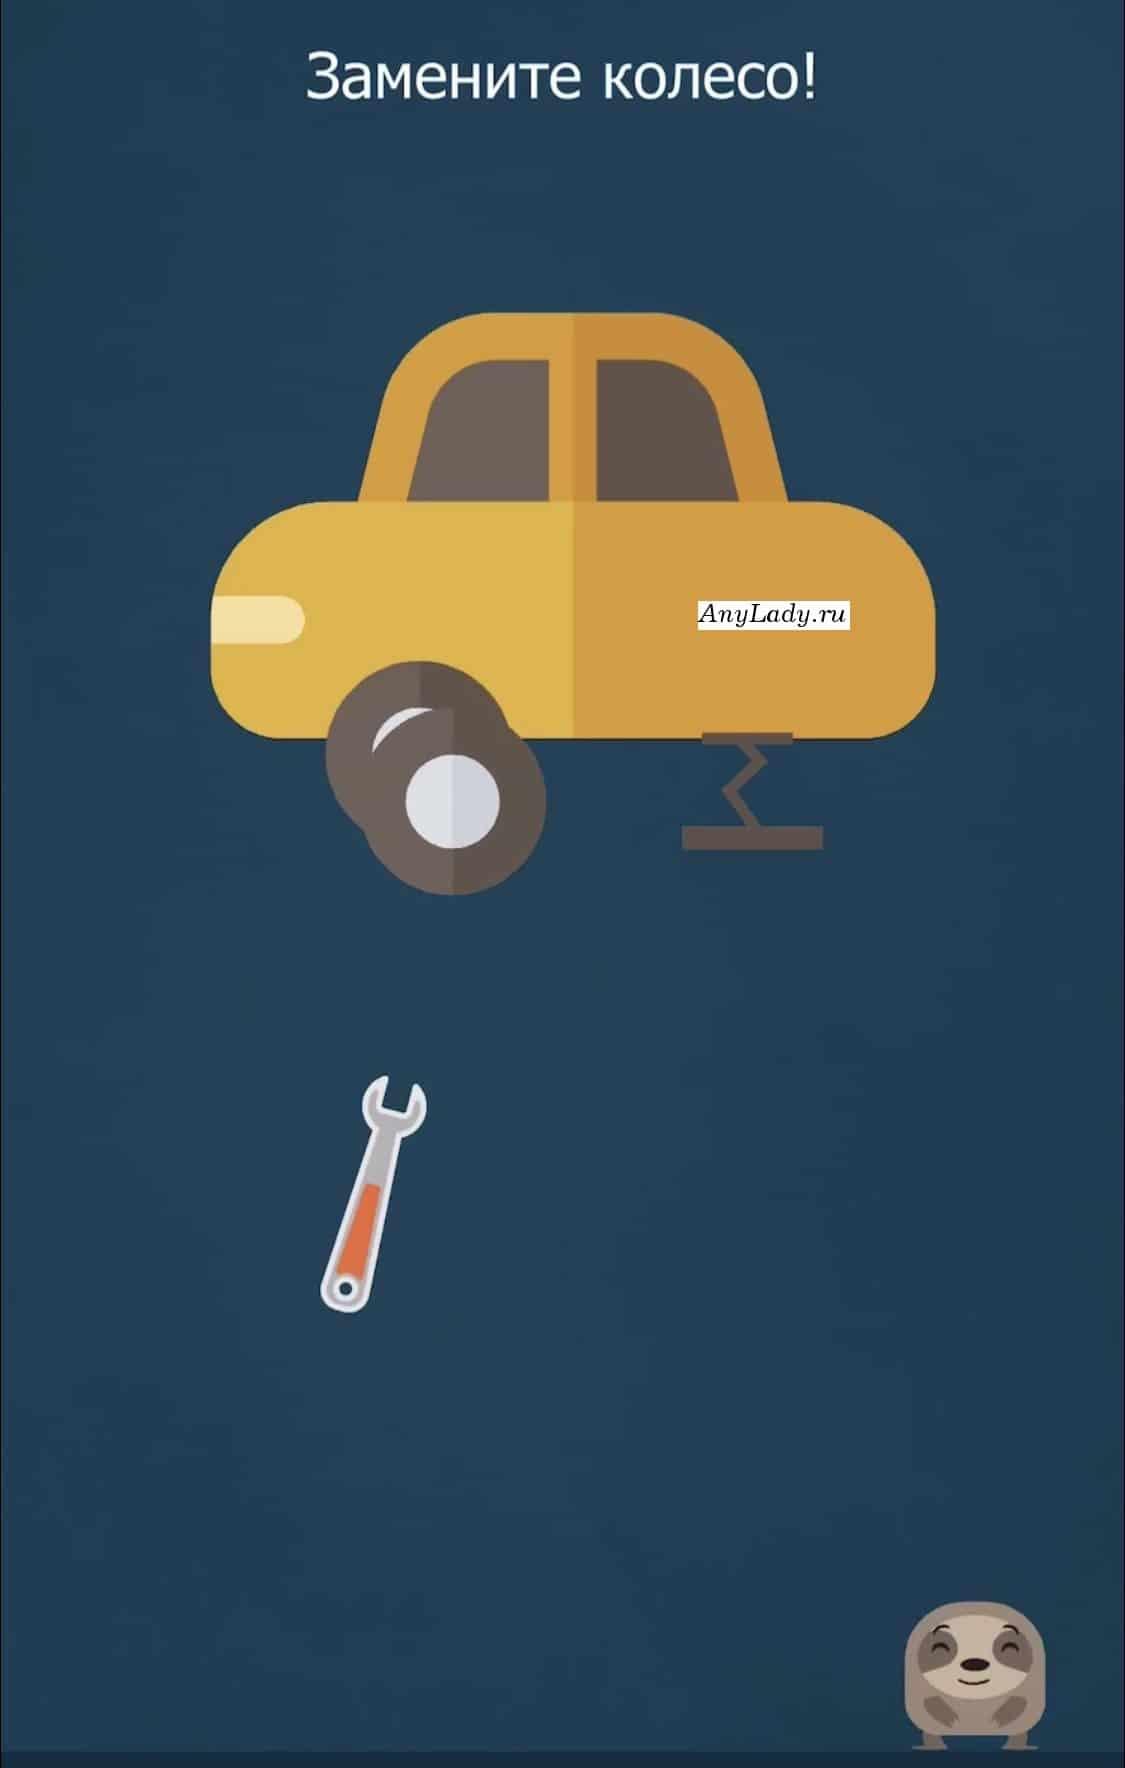 Зажмите внизу экрана колесо и перевезите его, на колесо у автомобиля.